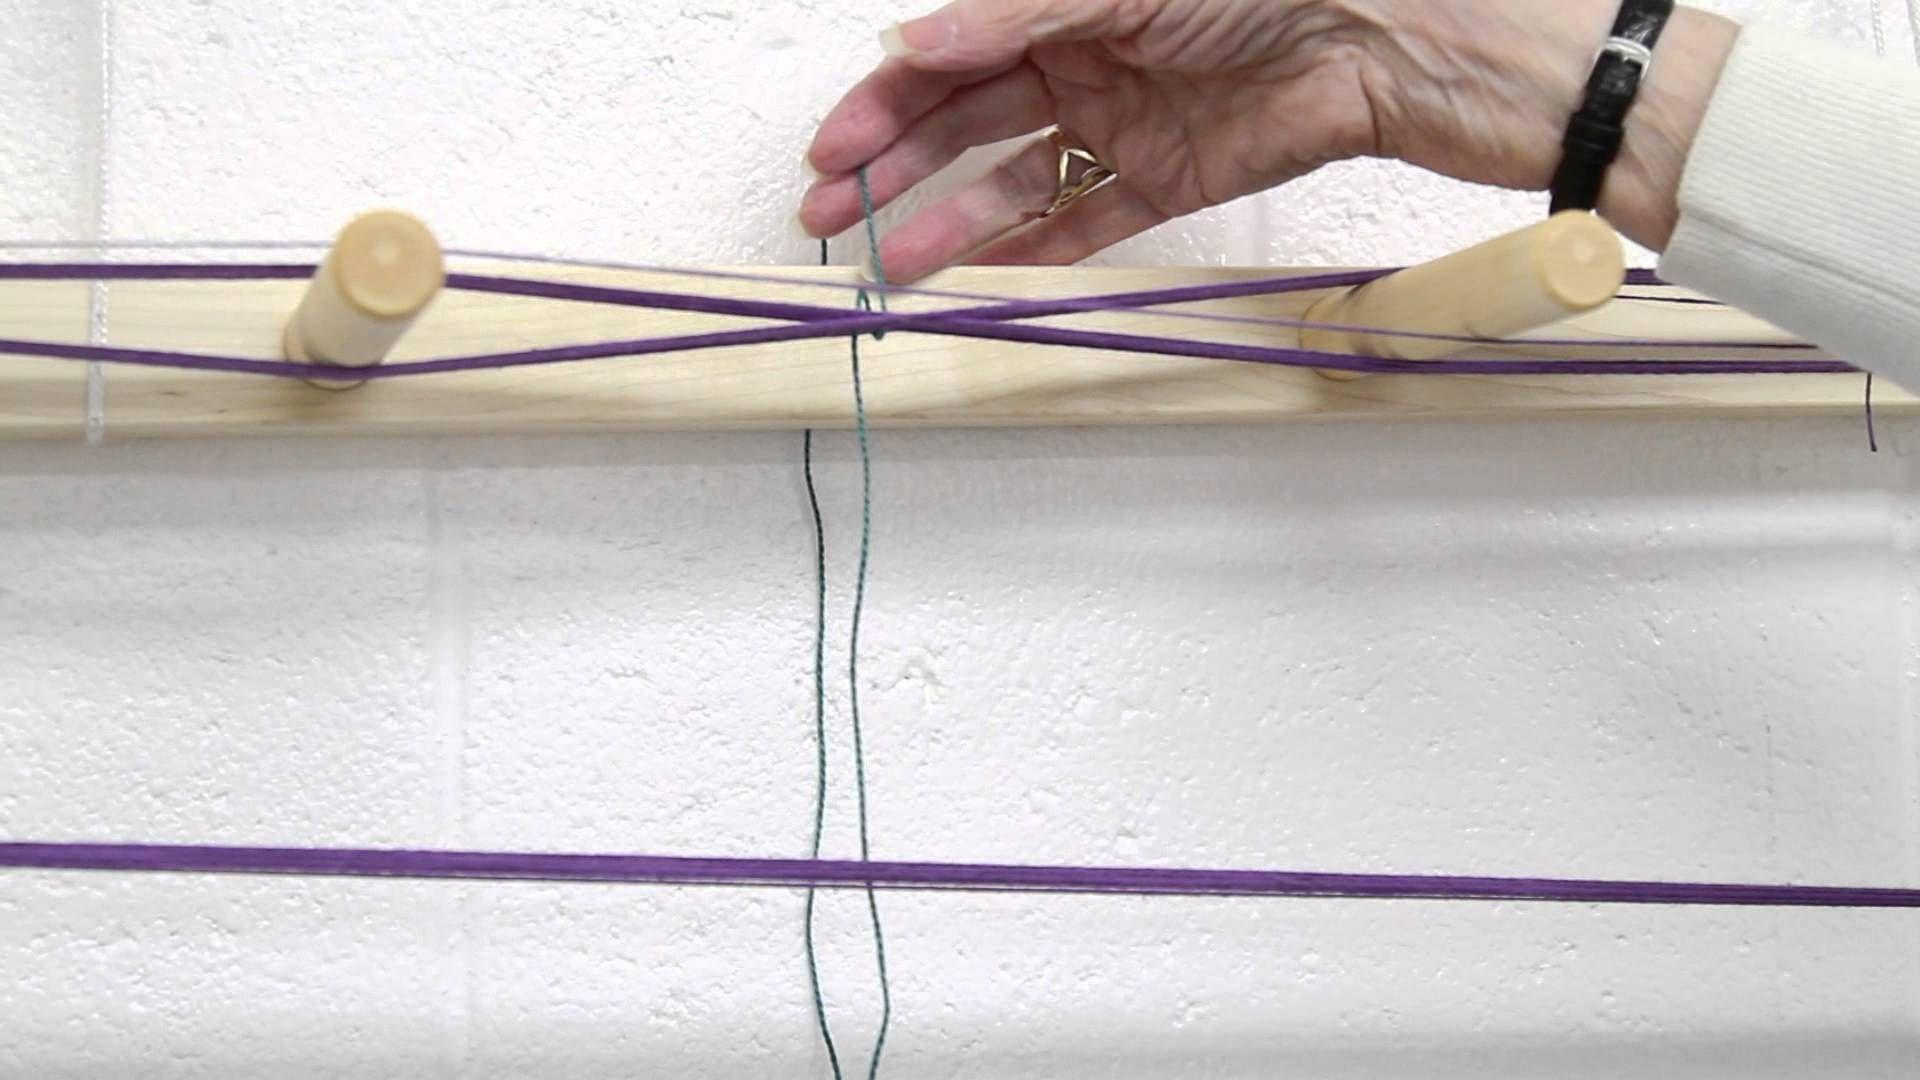 How To Wind A Warp Basket Weaving Patterns Yarn Store Loom Weaving